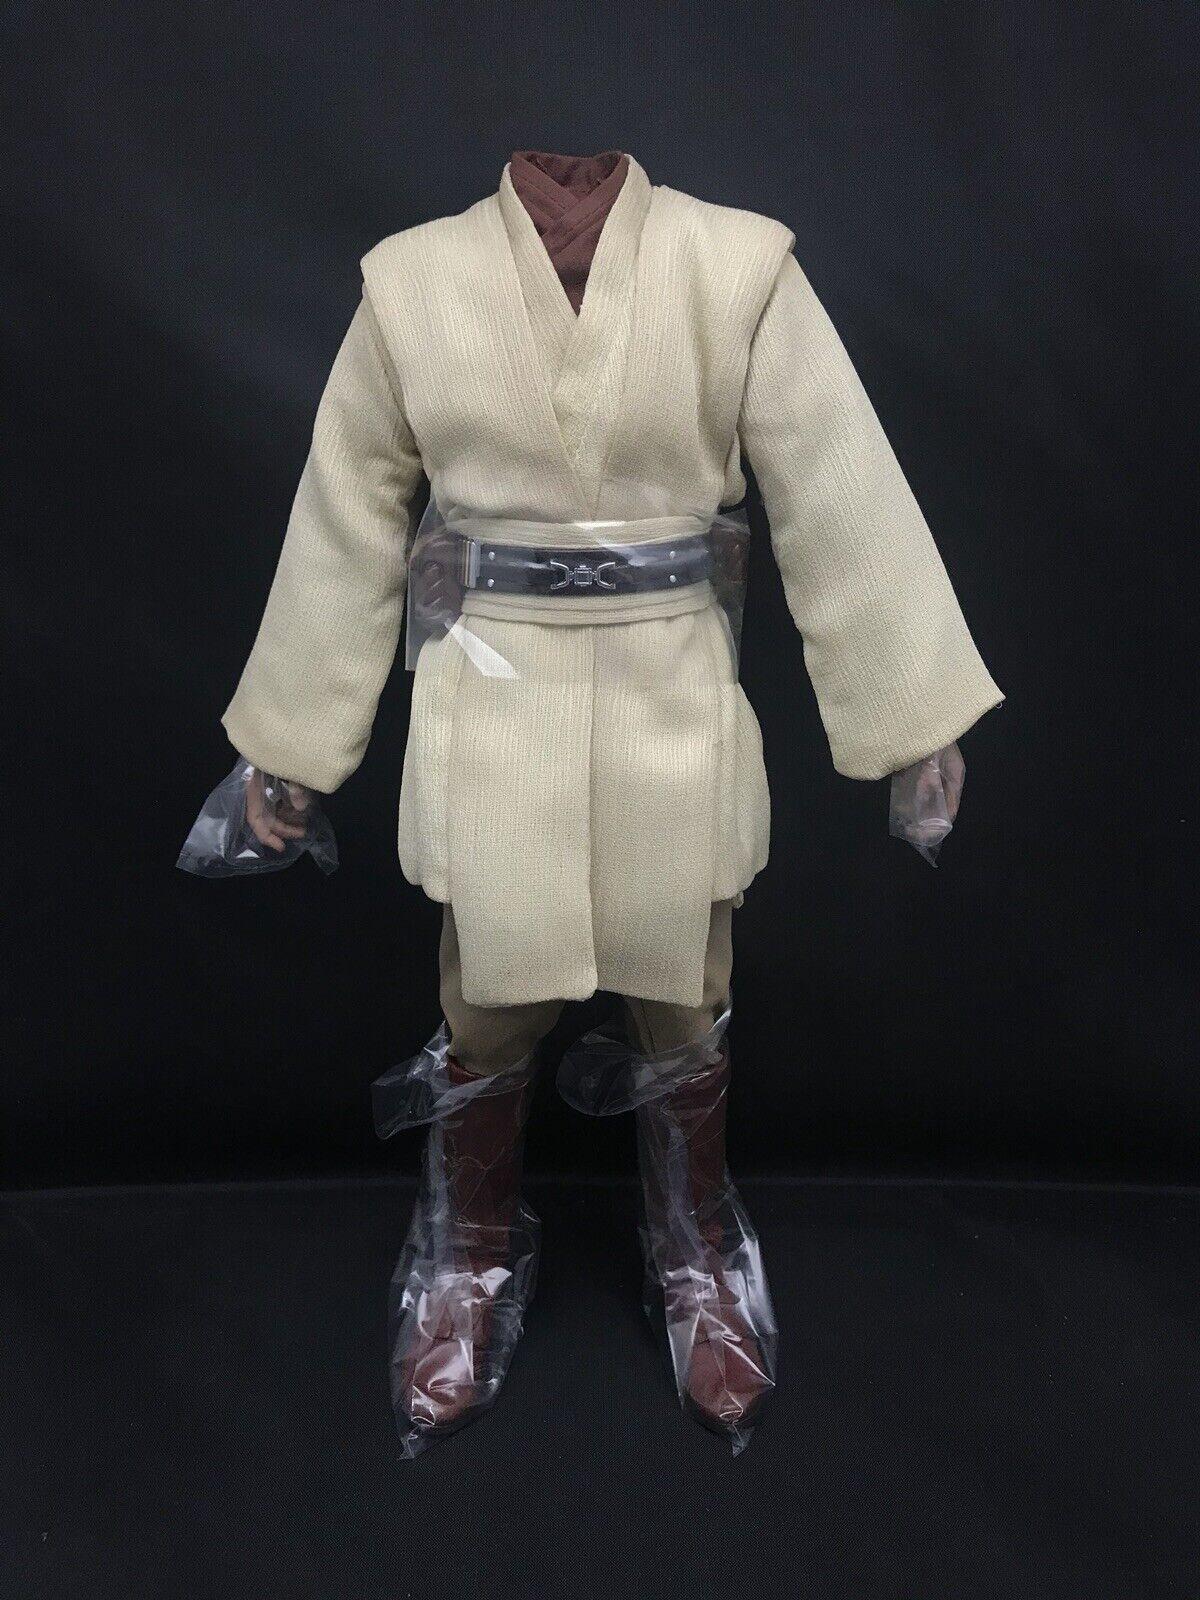 Caliente giocattoli MMS478 1 6 estrella  guerras Revenge of the Sith Obi-Wan Kenobi - corpo & Outfit  esclusivo